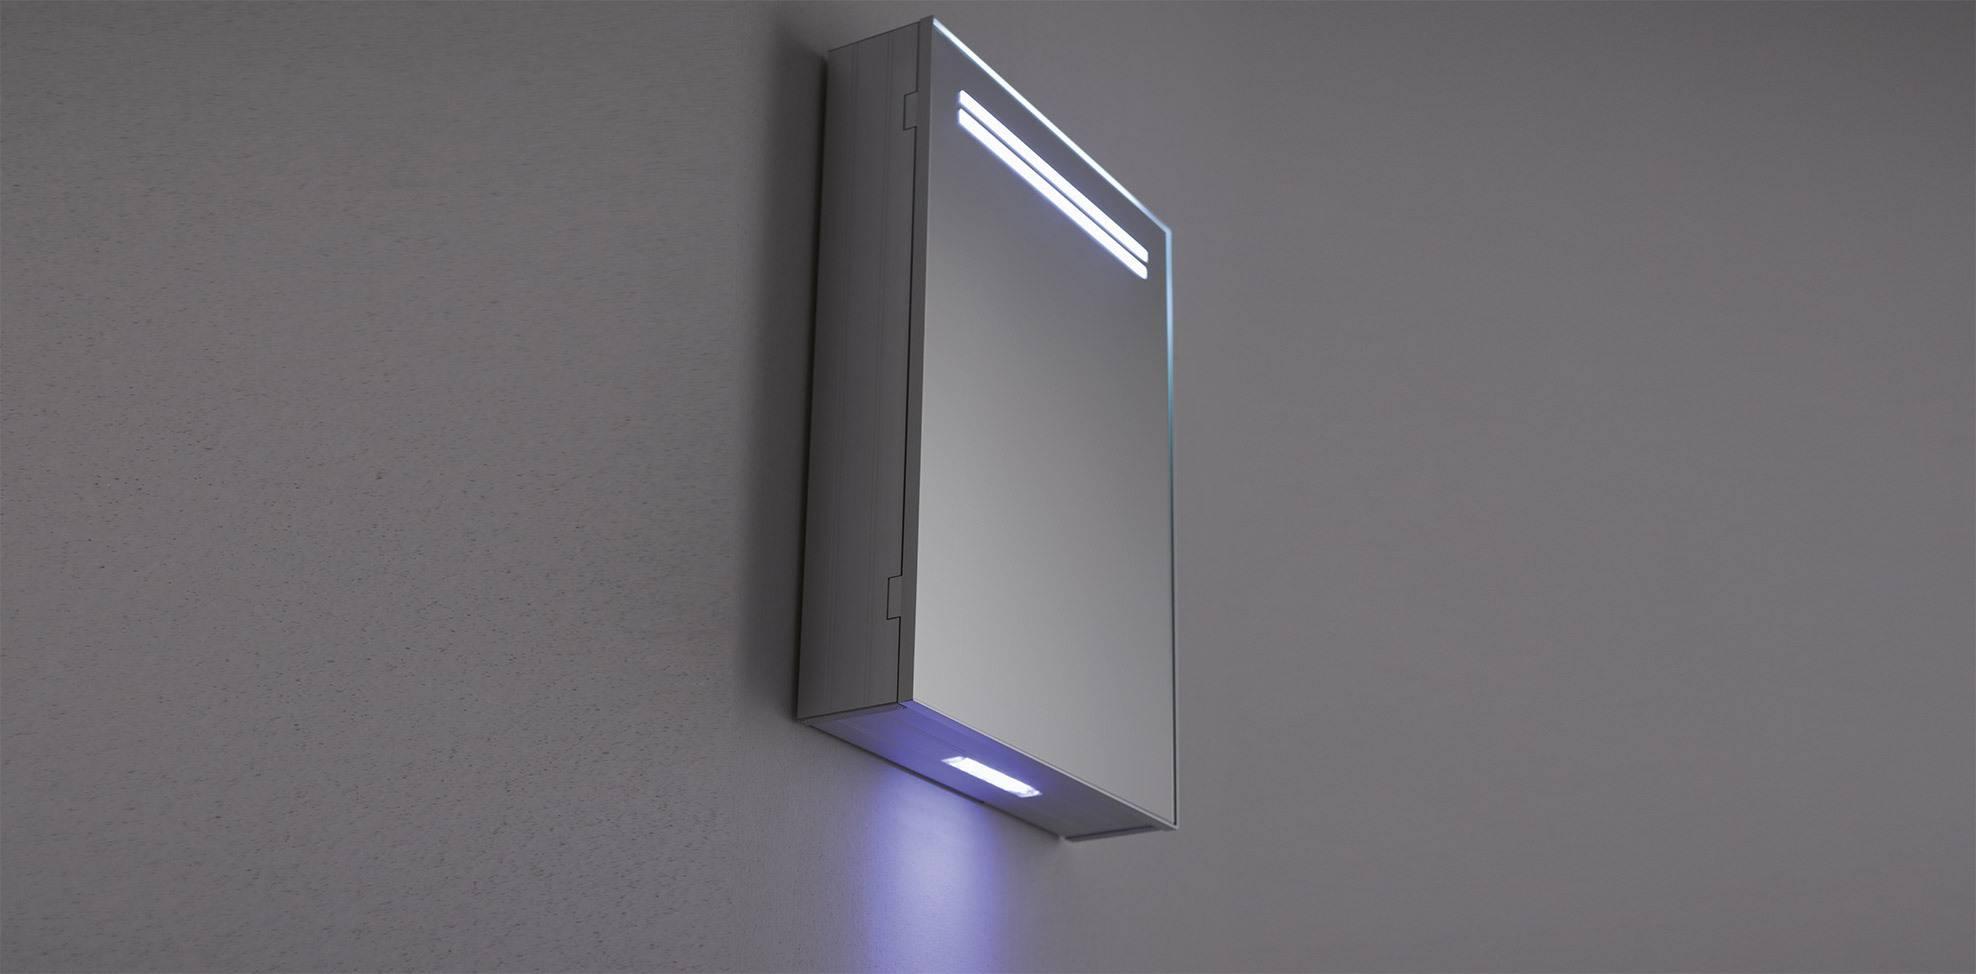 miroir_salle de bain_container_Nebula1